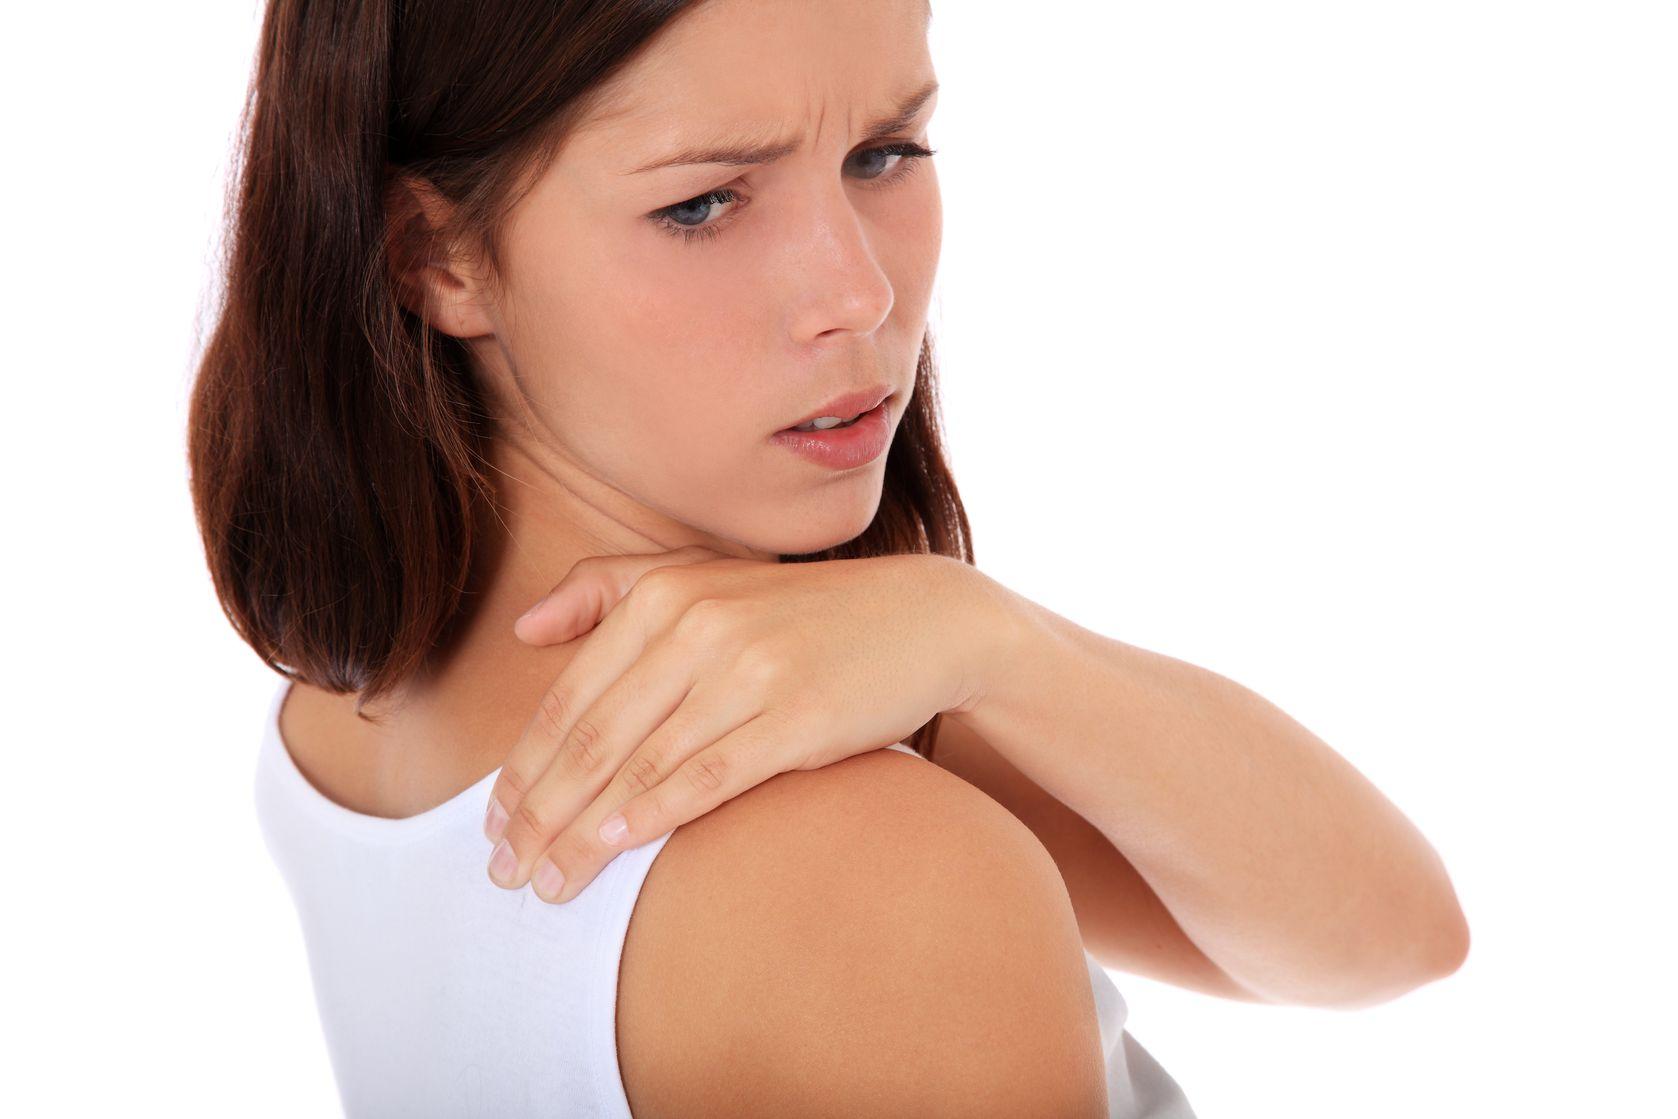 Πόνοι στην πλάτη από ακατάλληλο στρώμα.